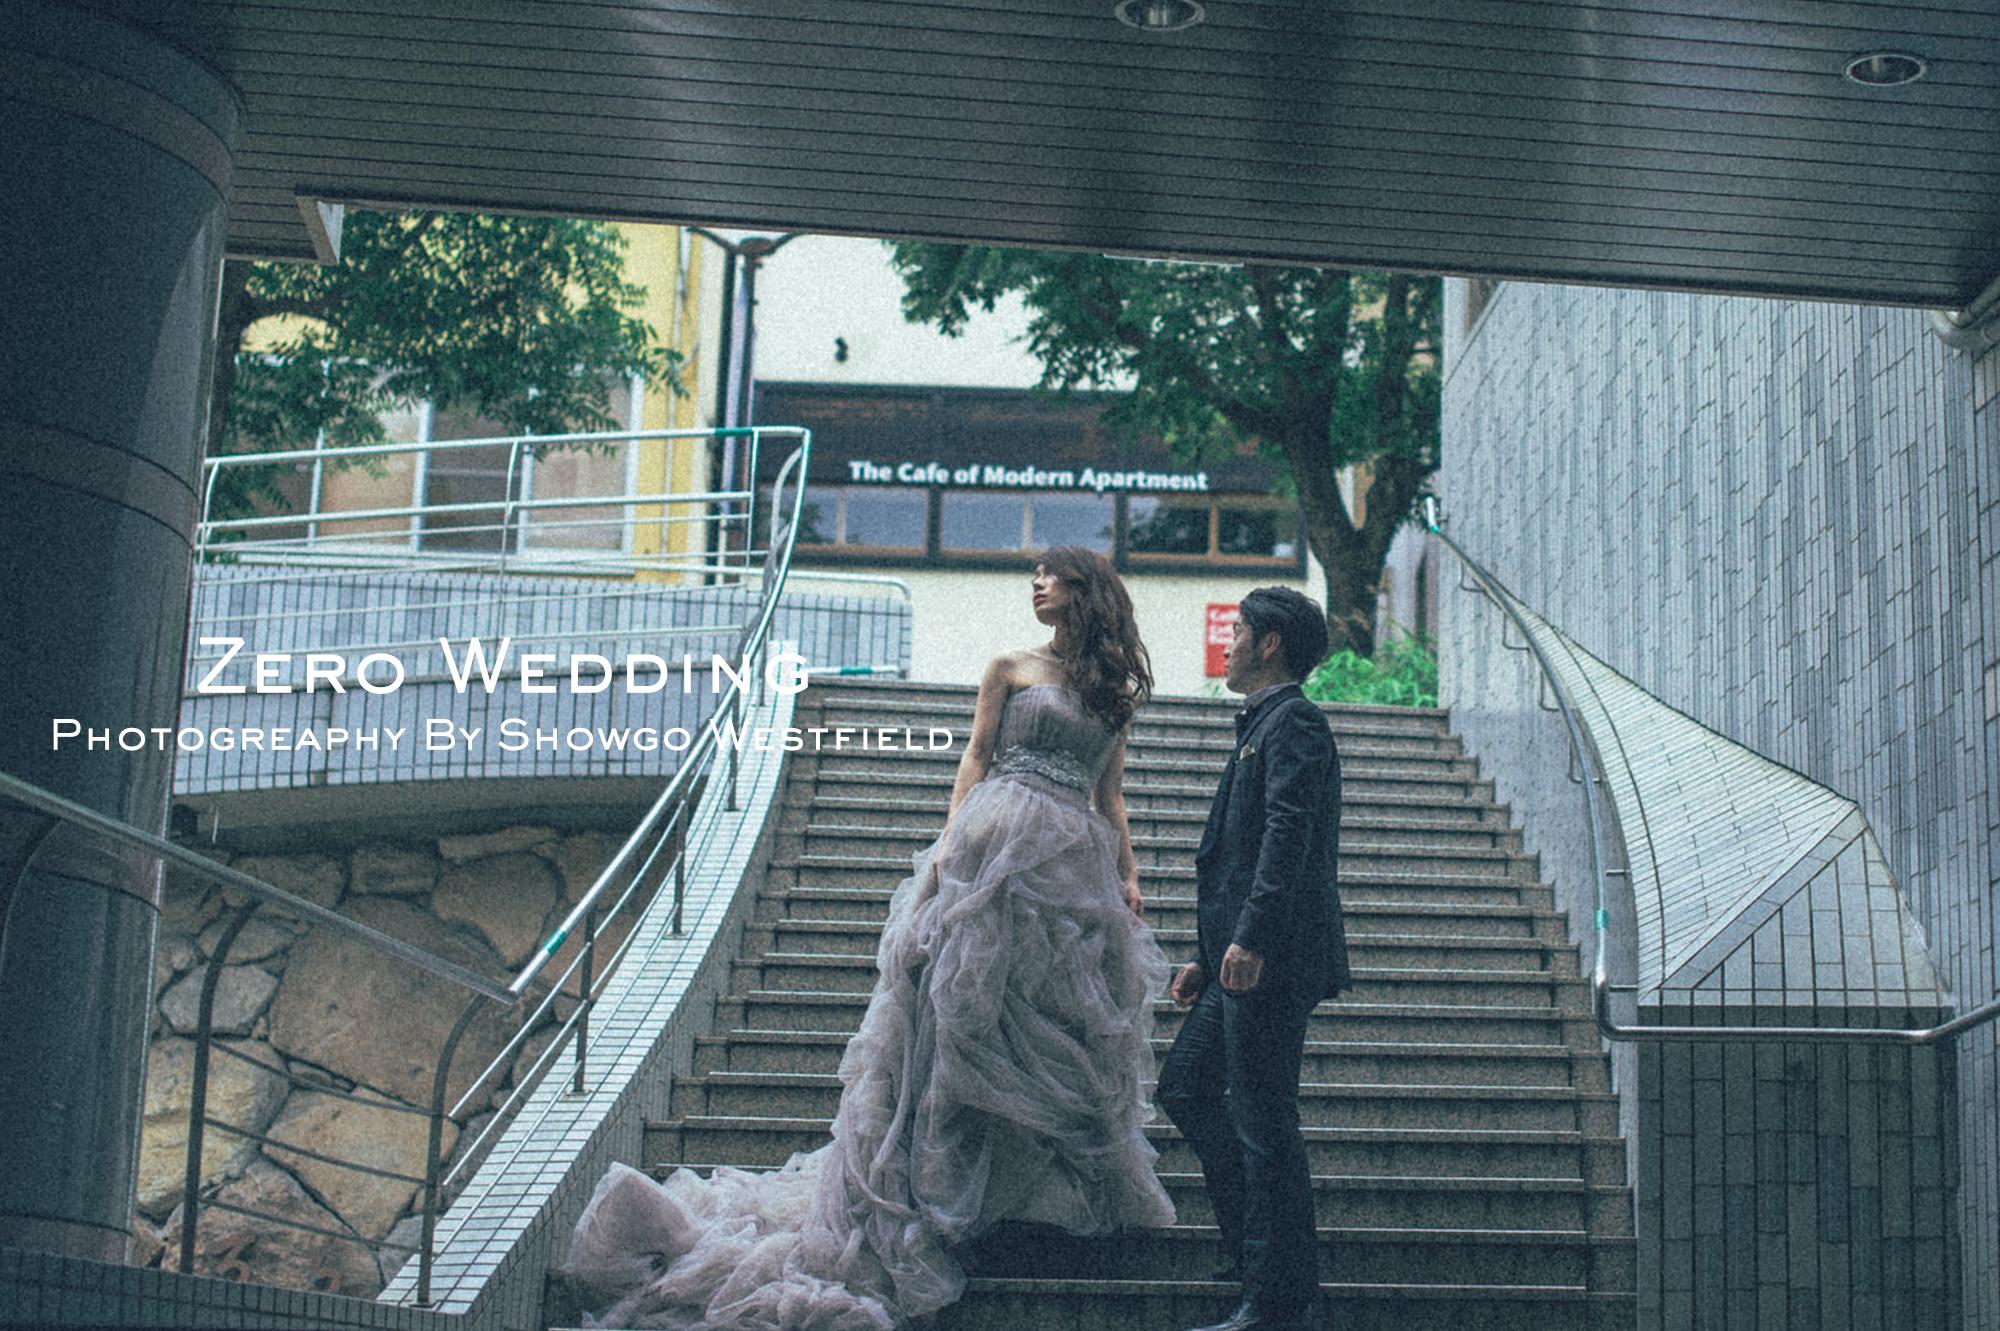 zero-wedding